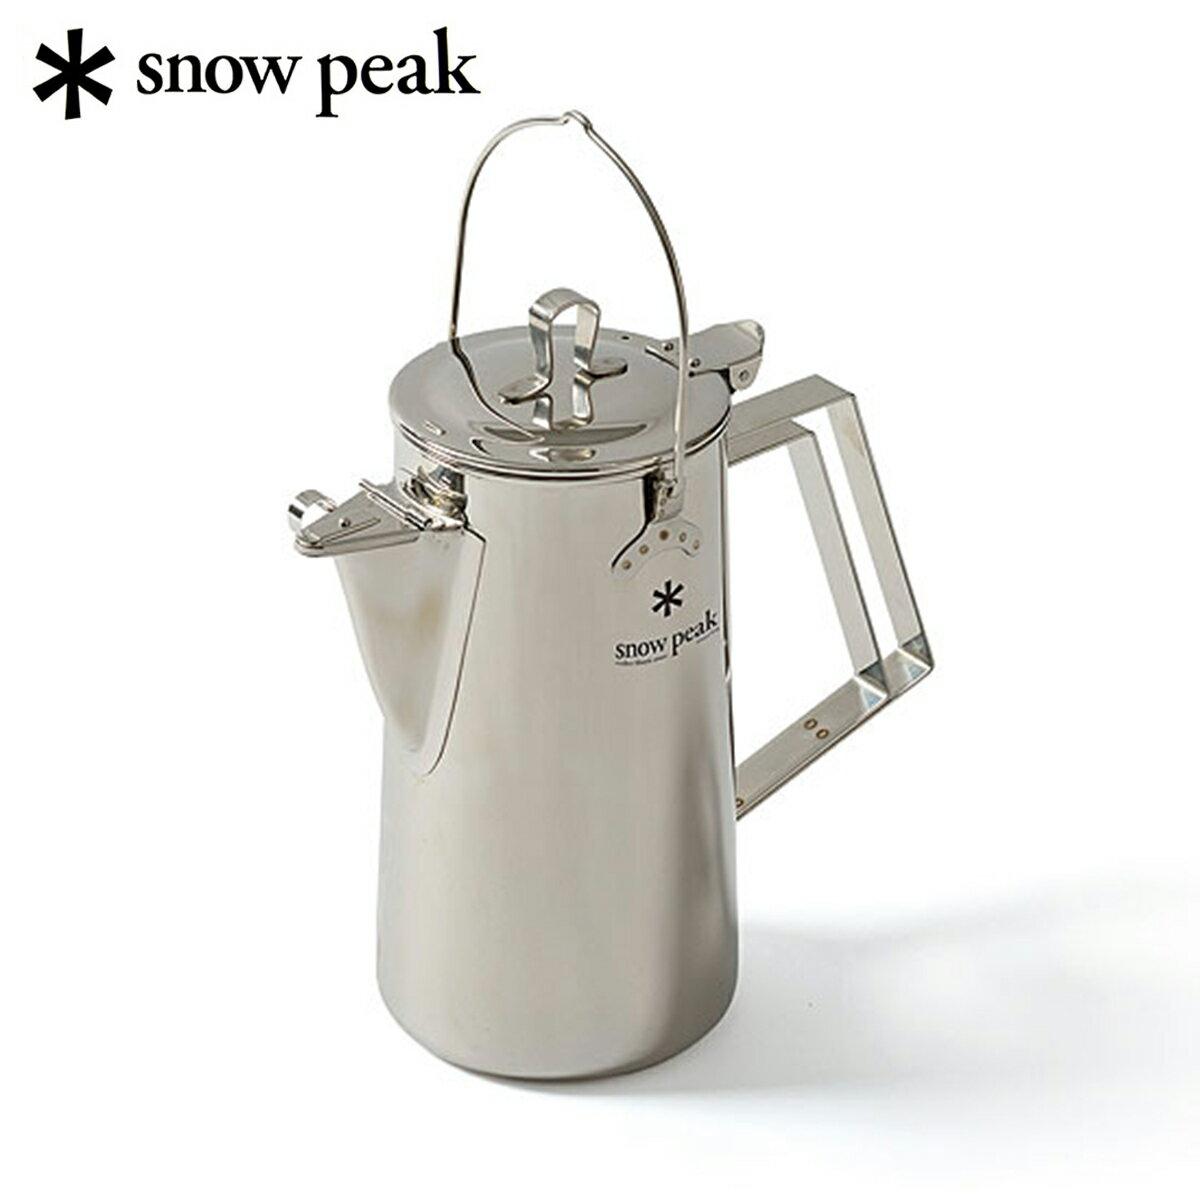 日本必買 免運/代購-日本製SNOW PEAK不鏽鋼營火熱水壺/戶外鍋具/登山/不鏽鋼鍋具/SNOWPEAKCS-CS-270